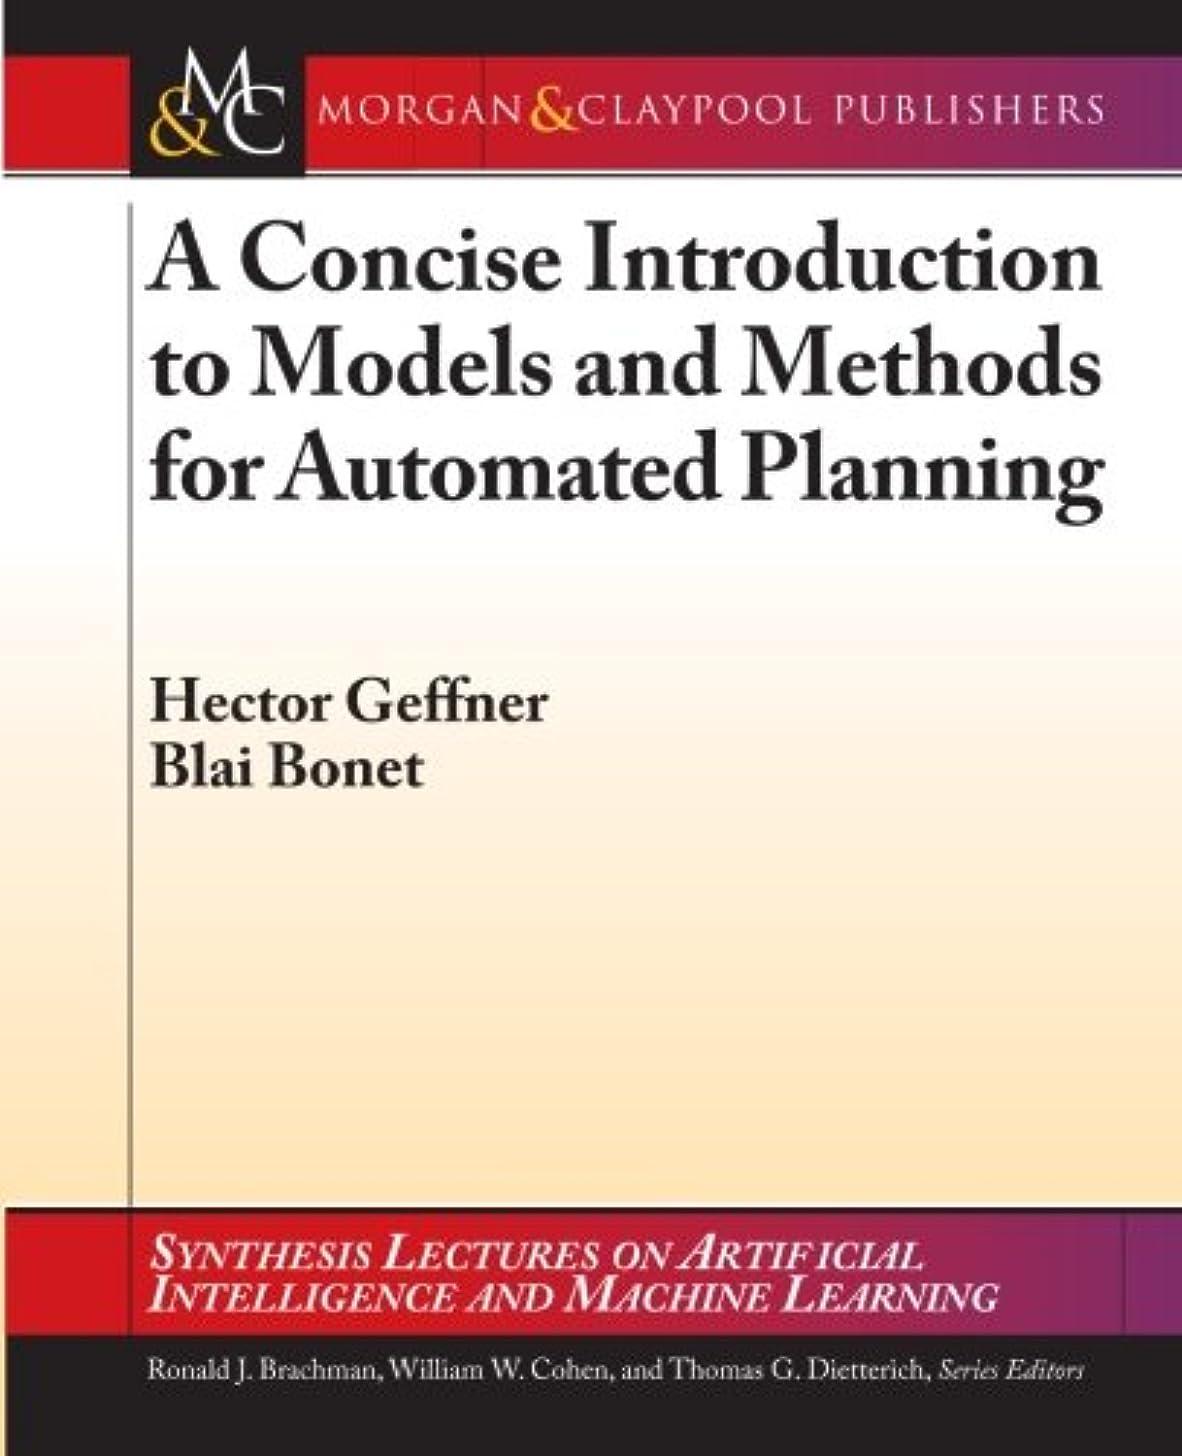 器具同級生シビックA Concise Introduction to Models and Methods for Automated Planning (Synthesis Lectures on Artificial Intelligence and Machine Learning)